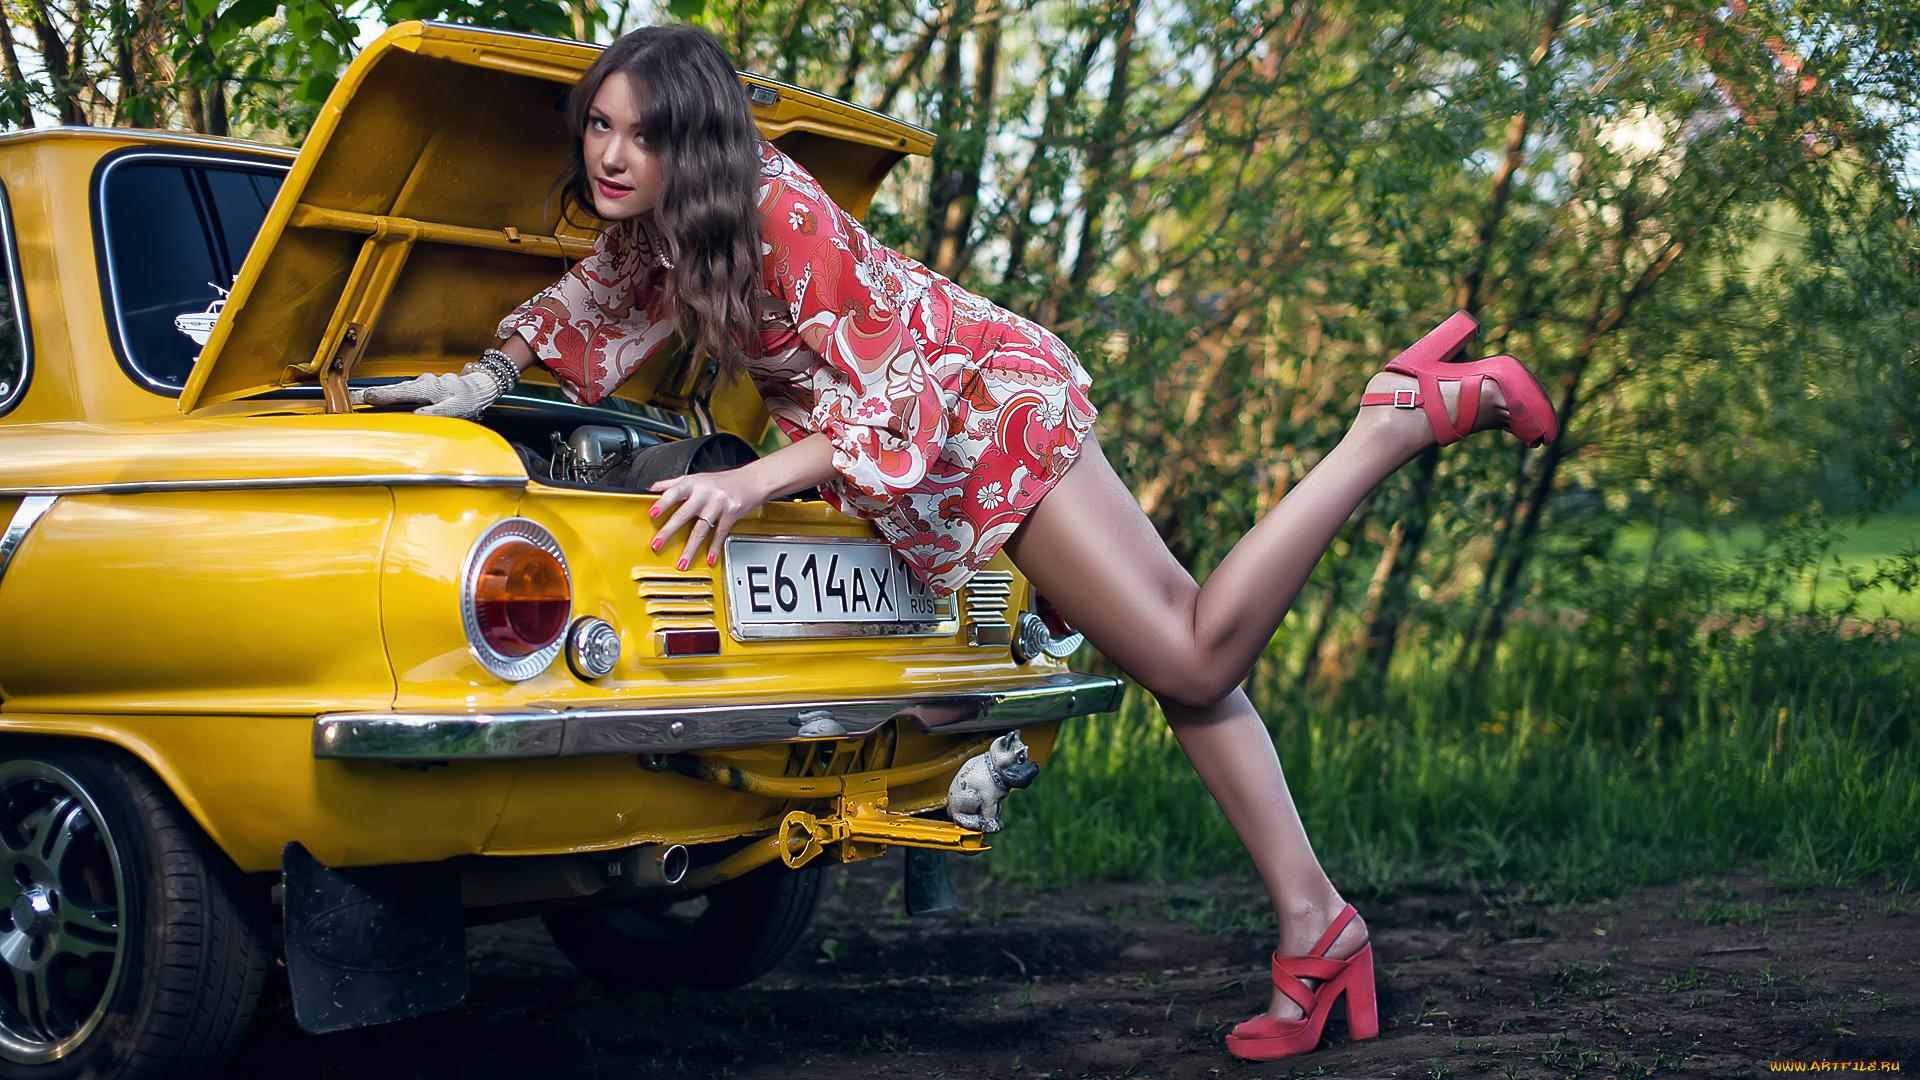 Прикольные картинки с автомобилями и девушками